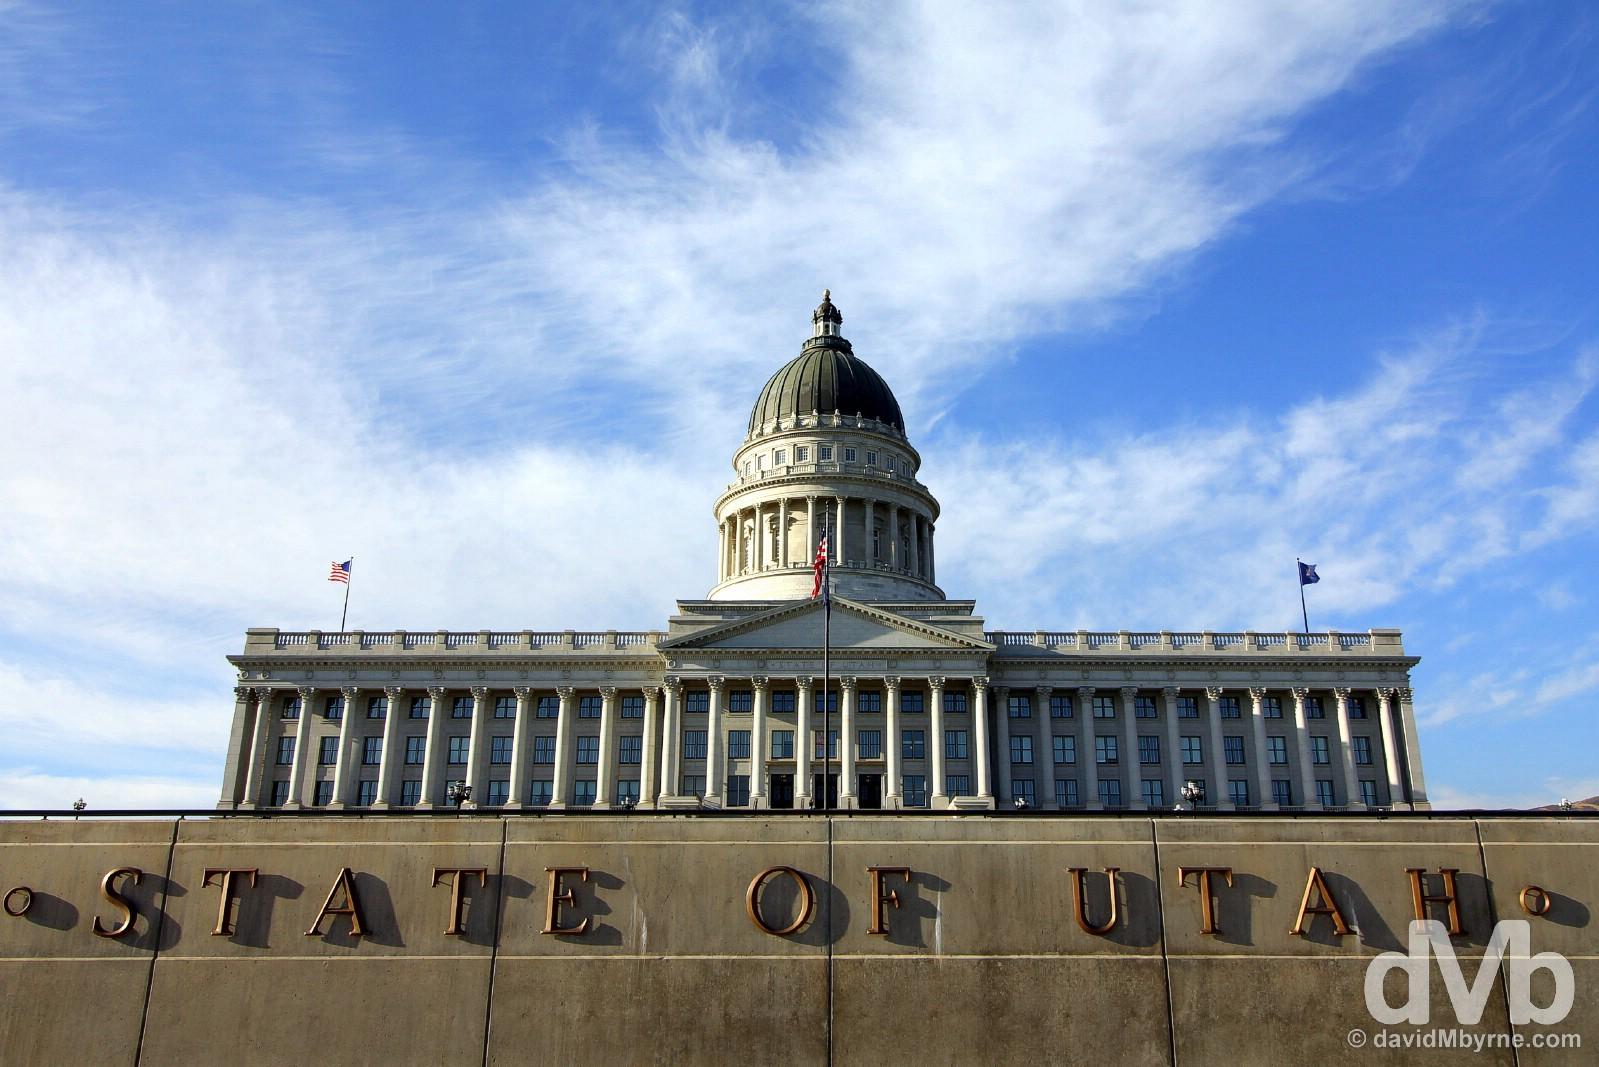 Fronting the Utah State Capitol Building in Salt Lake City, Utah. September 6, 2016.